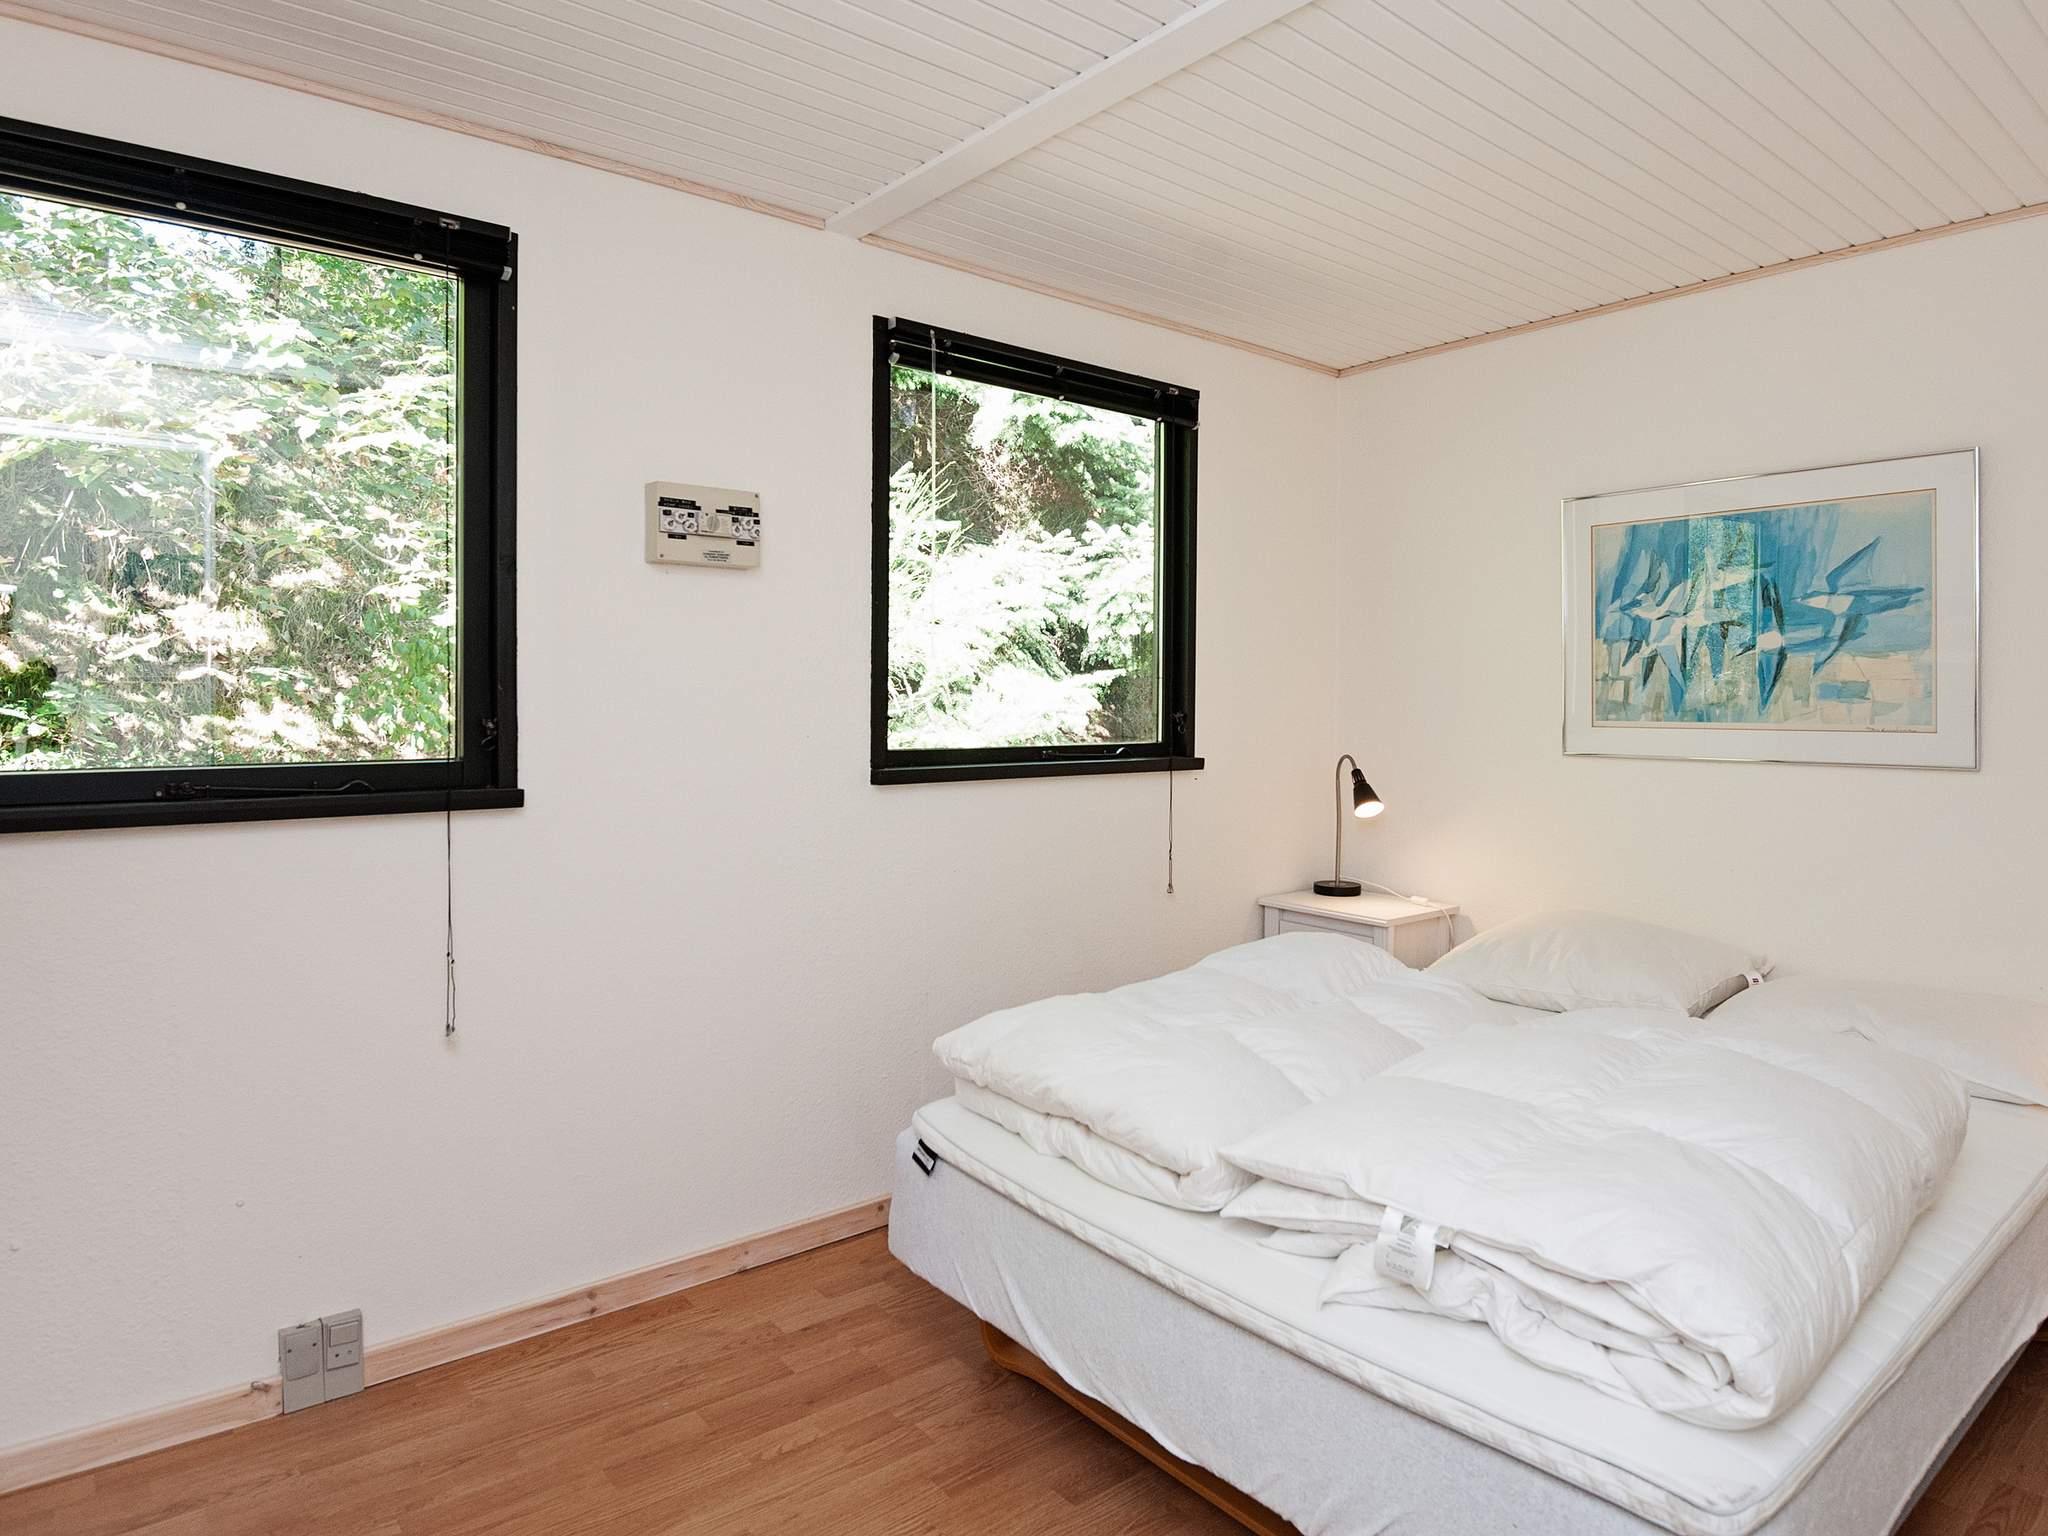 Ferienhaus Silkeborg (2002437), Silkeborg, , Ostjütland, Dänemark, Bild 11